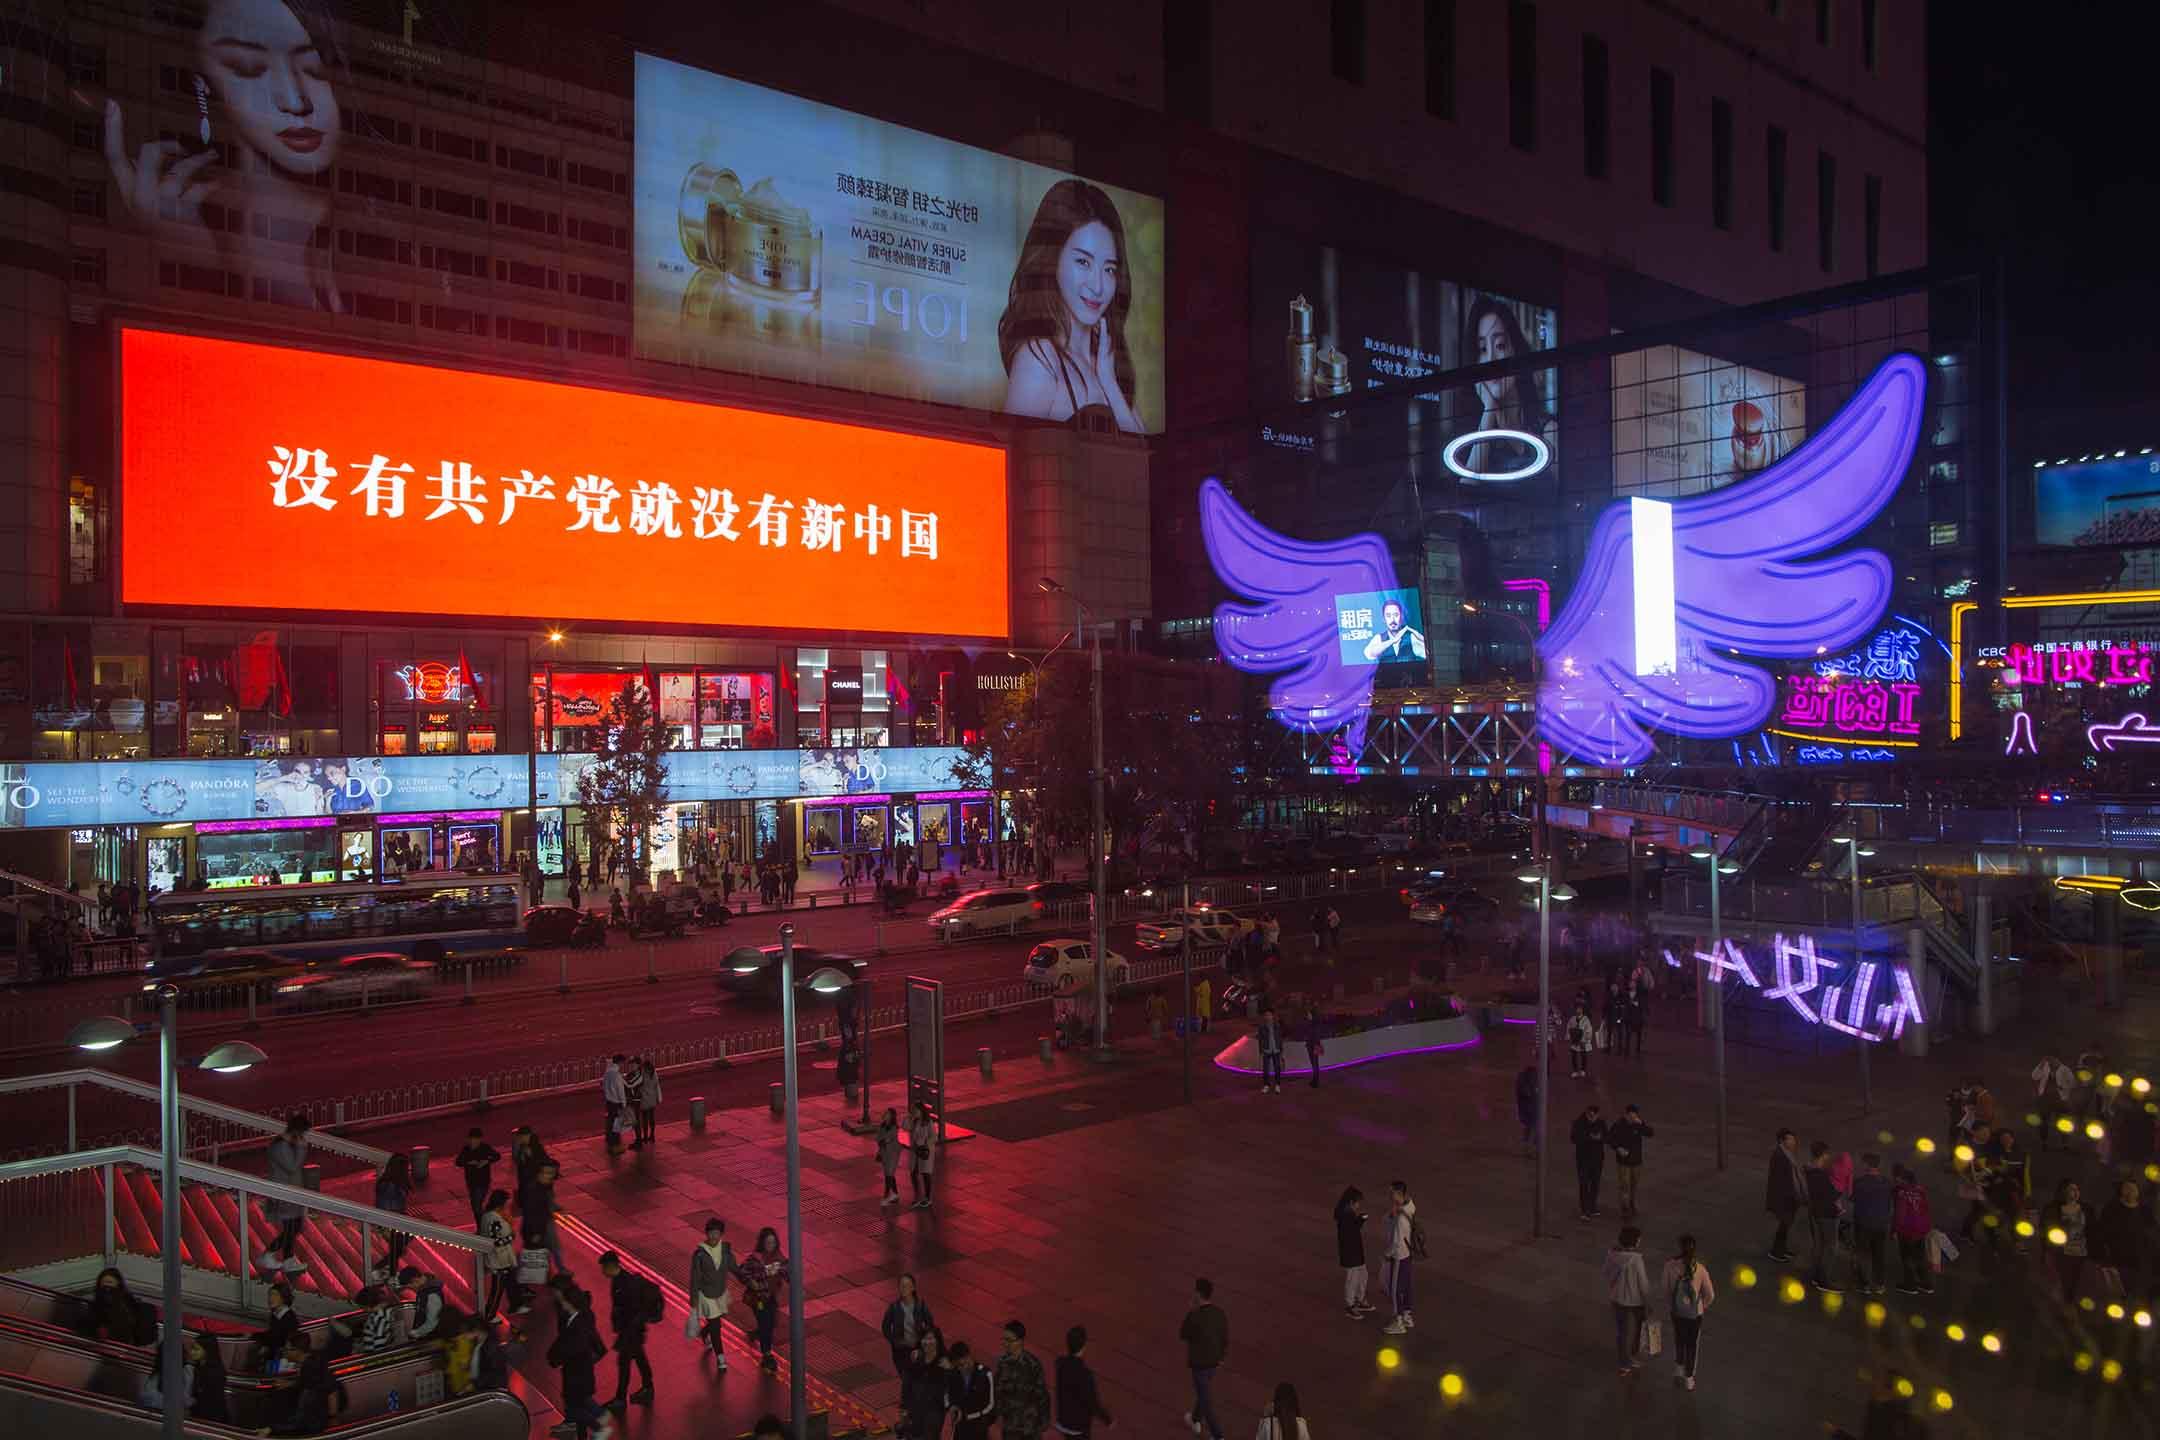 2017年10月21日北京,十九大期間共產黨的大型宣傳標語。